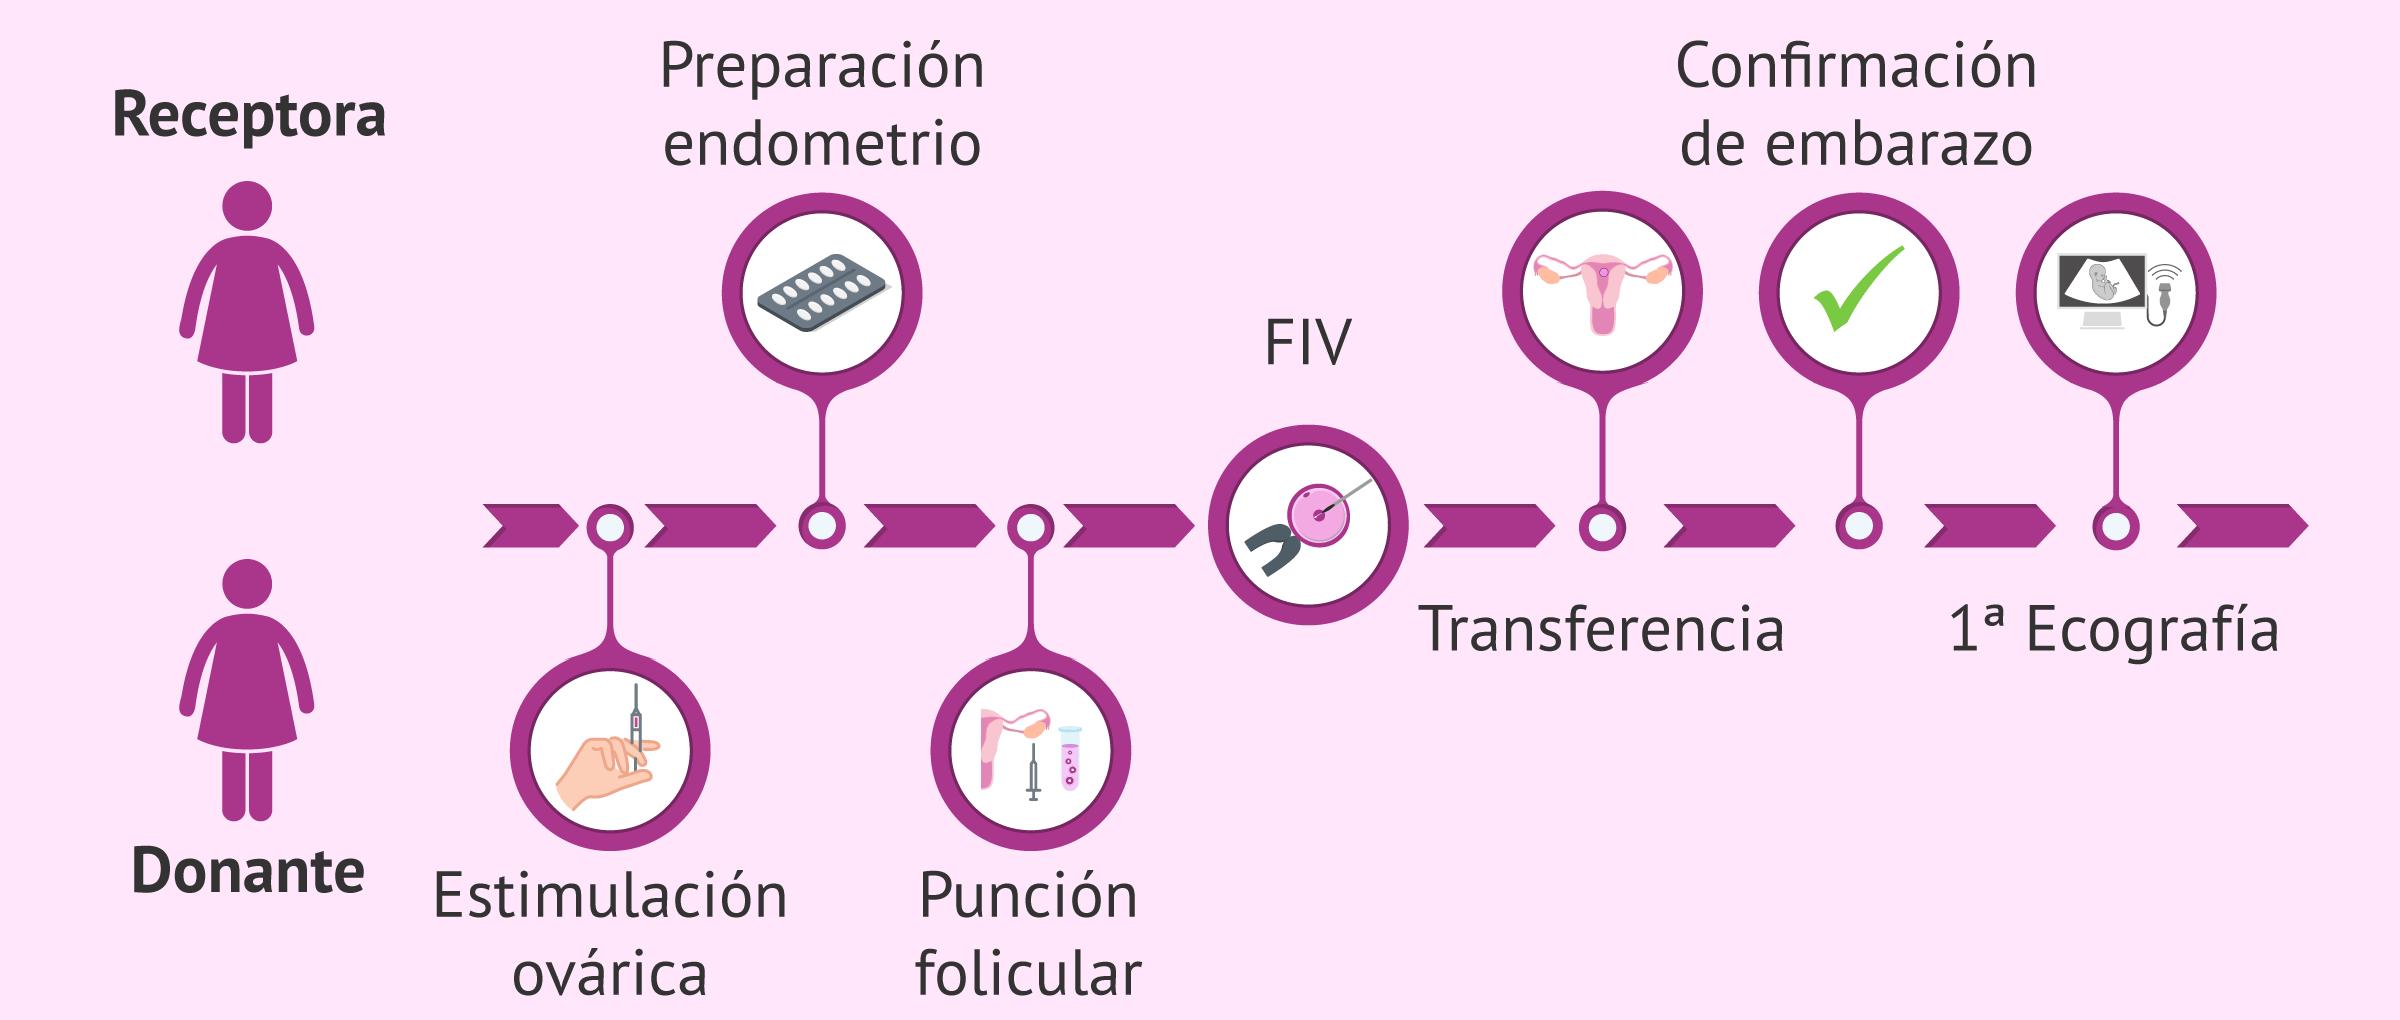 Te enseñamos el paso a paso en la fecundacion invitro con ovodonacion desde el instituto de fertilidad mallorca lideres en reproduccion asistida en las Islas Baleares